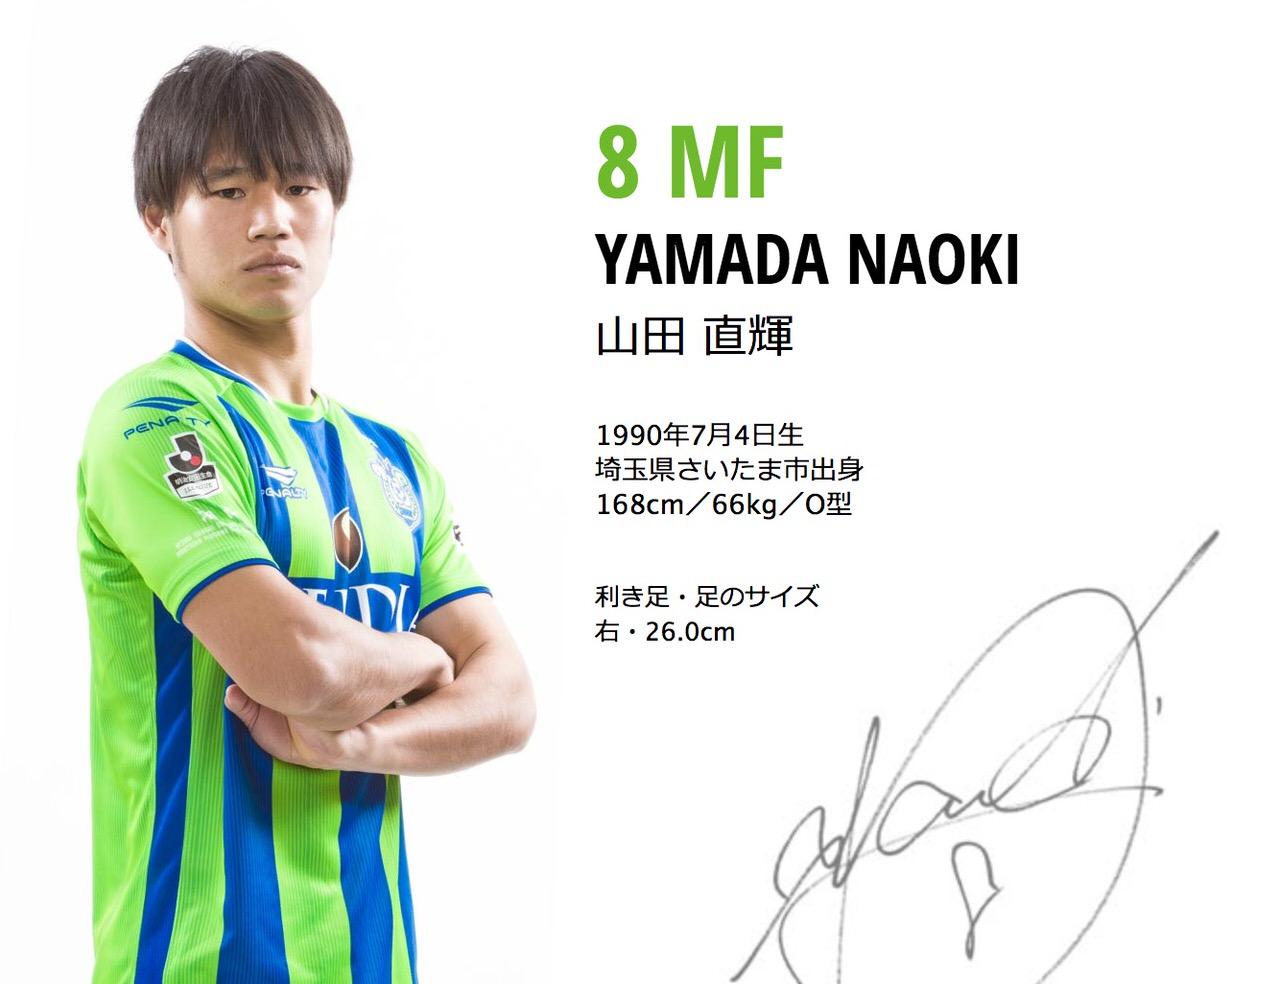 浦和レッズ、山田直輝の期限付き移籍からの復帰を正式発表「一度、浦和への復帰を諦めそうになった」